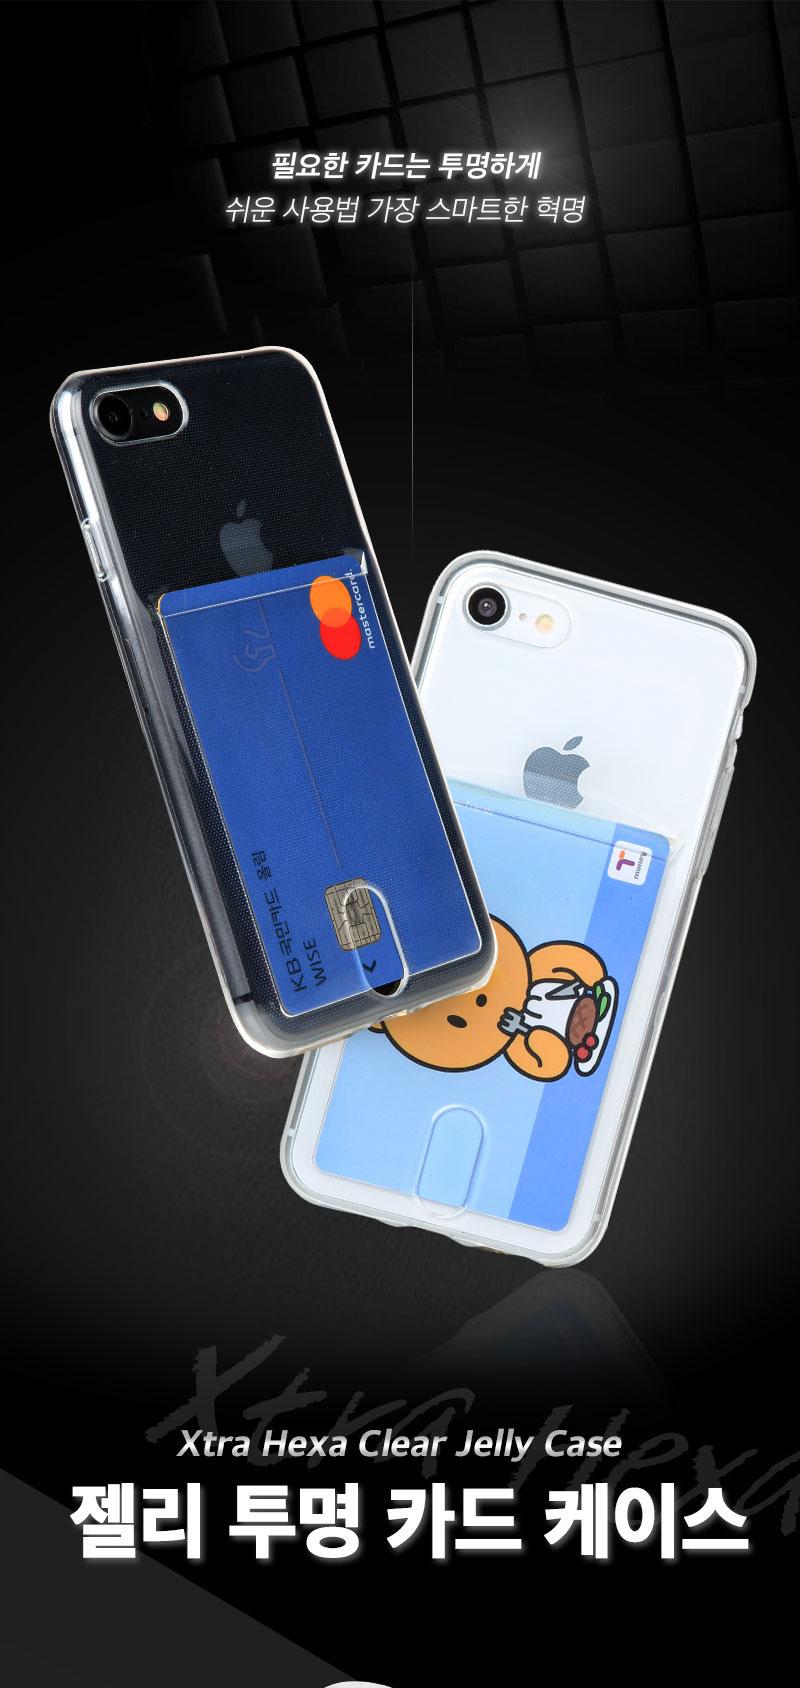 아이폰 7 플러스 8 플러스 젤리 투명 카드케이스 - 아이몰, 10,900원, 케이스, 아이폰7플러스/8플러스